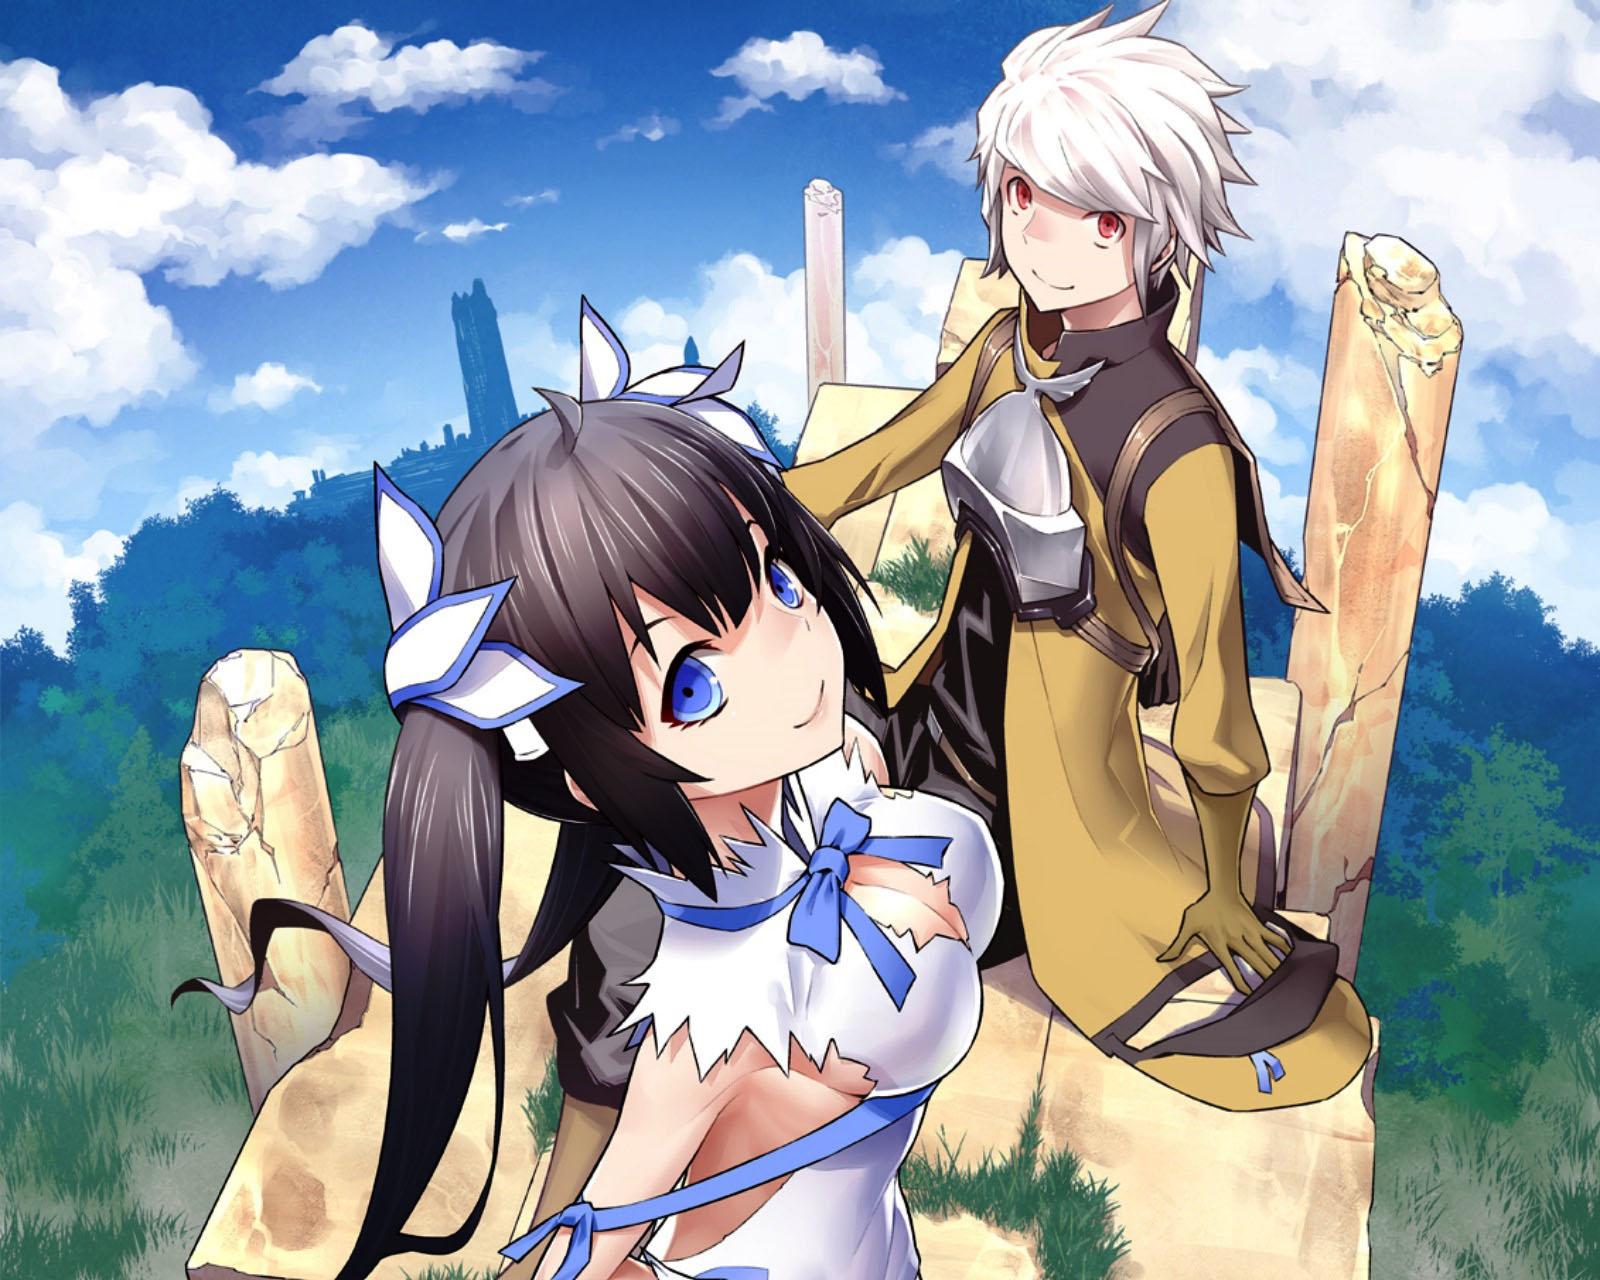 TV Anime『Dungeon ni Deai wo Motomeru no wa Machigatteiru Darou ka Gaiden: Sword Oratoria』PV